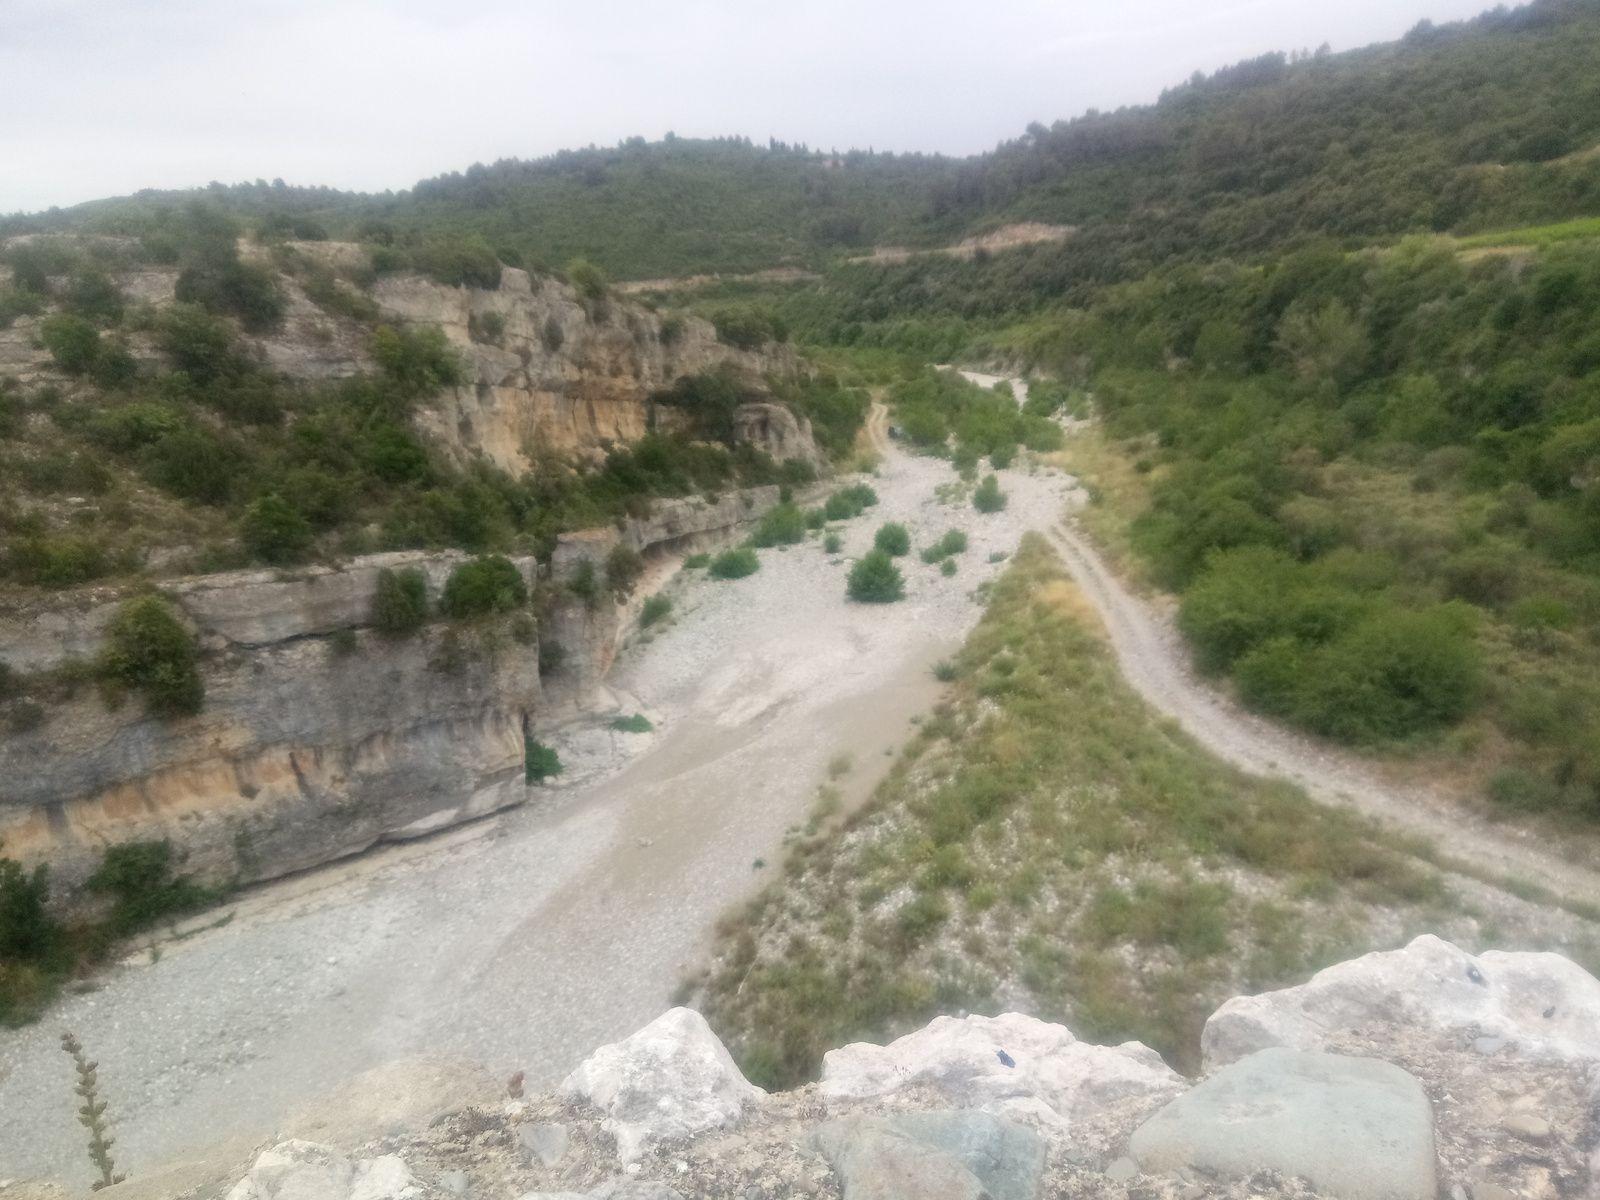 Ce site d'exception est né d'une histoire géologique mouvementée et d'un travail sans répit de l'eau qui a creusé le calcaire du causse, formant ainsi d'étroits canyons, le Brian et la Cesse, les cours d'eau aux débits capricieux, sont à l'origine de cette véritable forteresse rocheuse. Mais plus surprenants encore, ces rivières ont formé des ponts naturels, sorte de tunnels percés dans la roche, que l'on peut arpenter à loisir en saison sèche.